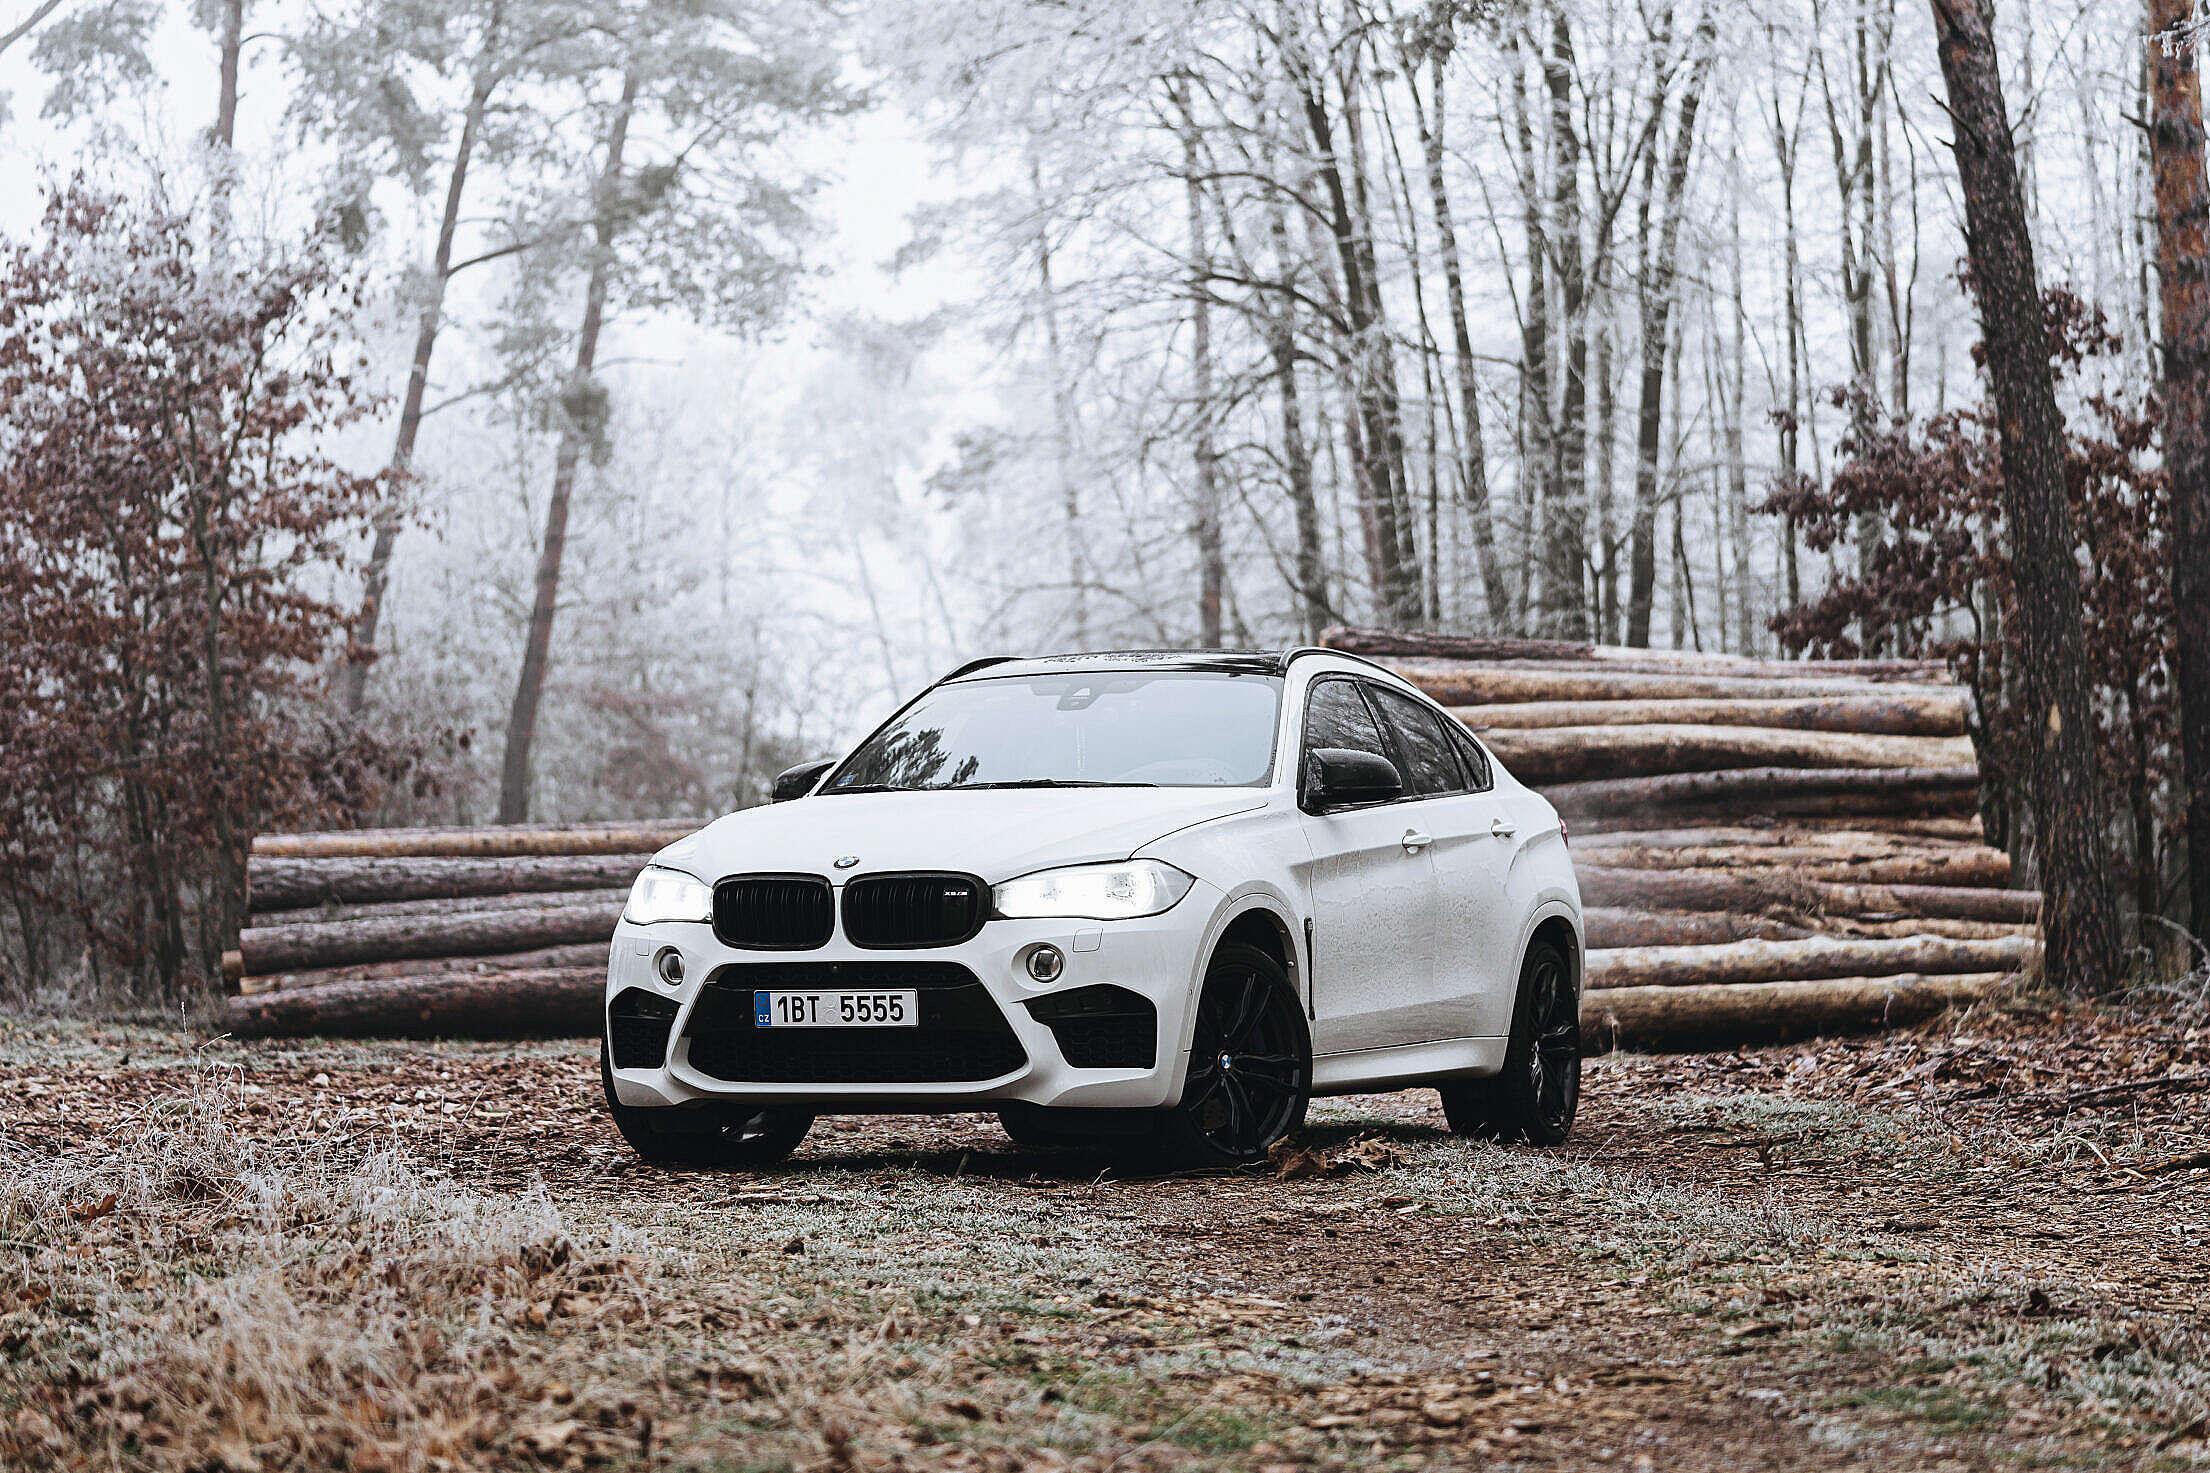 BMW X6M Wallpaper Free Stock Photo